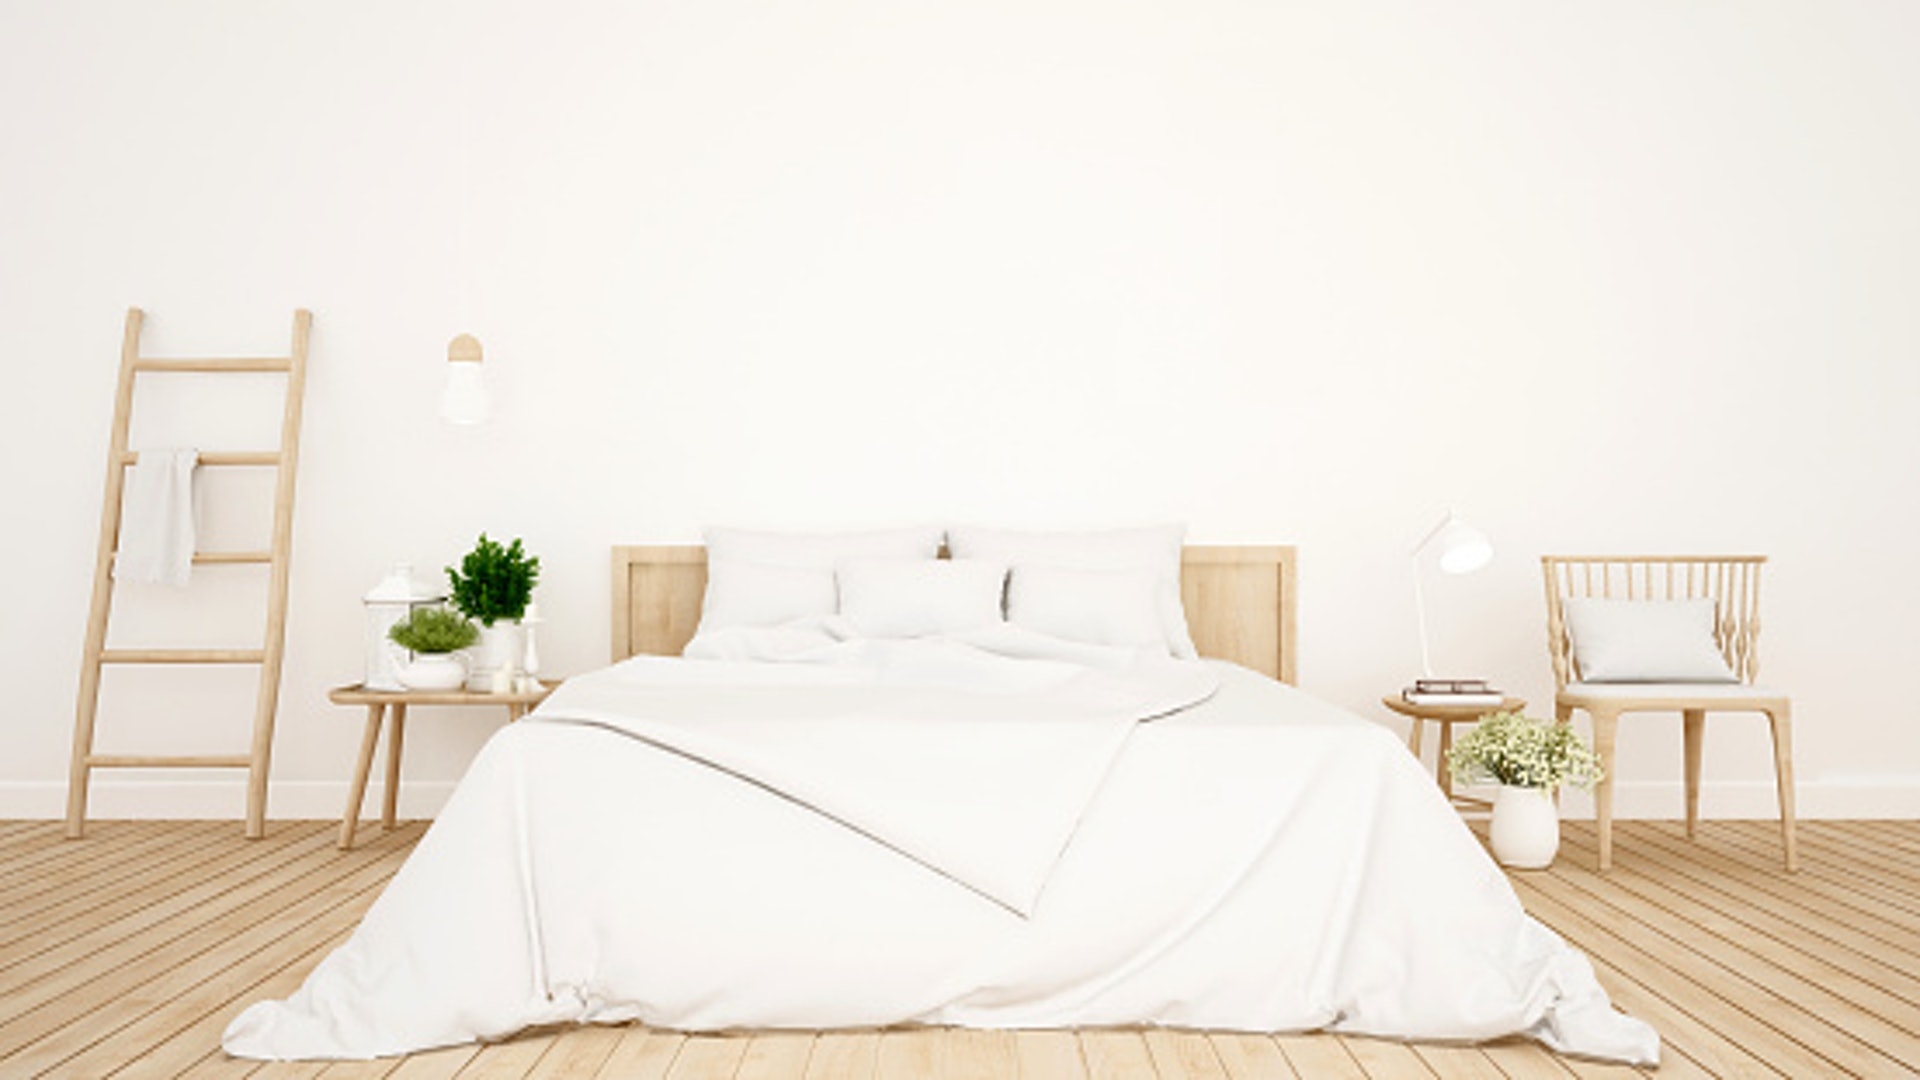 透過窗外的自然光,照射在白色家具上,使整個空間舒適又明亮。/© GettyImages (視覺中國)